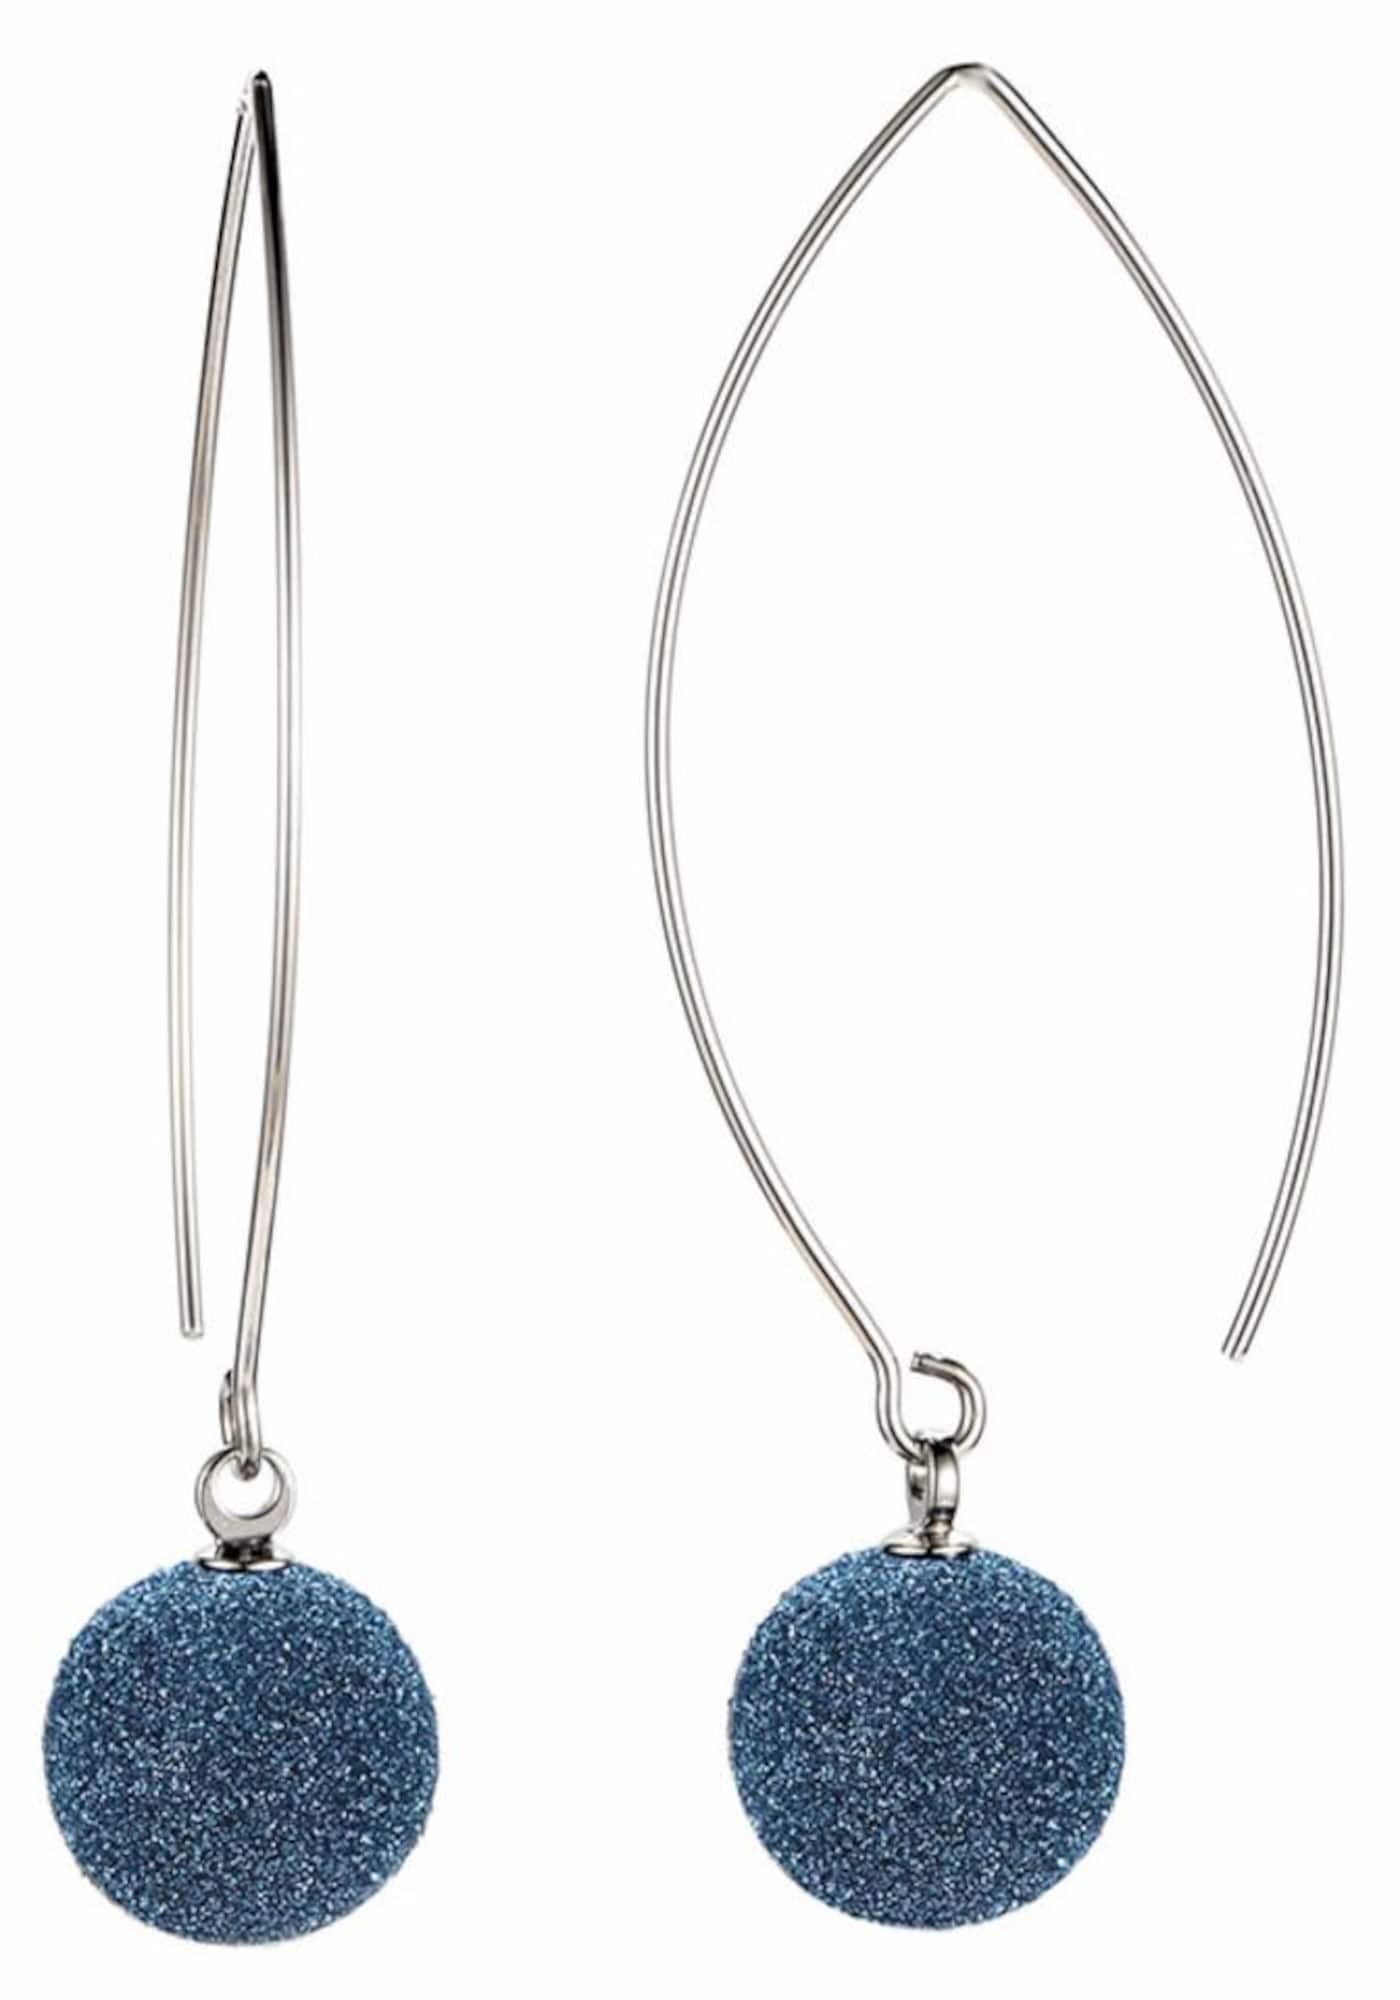 Ohrringe für Frauen - FIRETTI Paar Ohrhaken blau silber  - Onlineshop ABOUT YOU